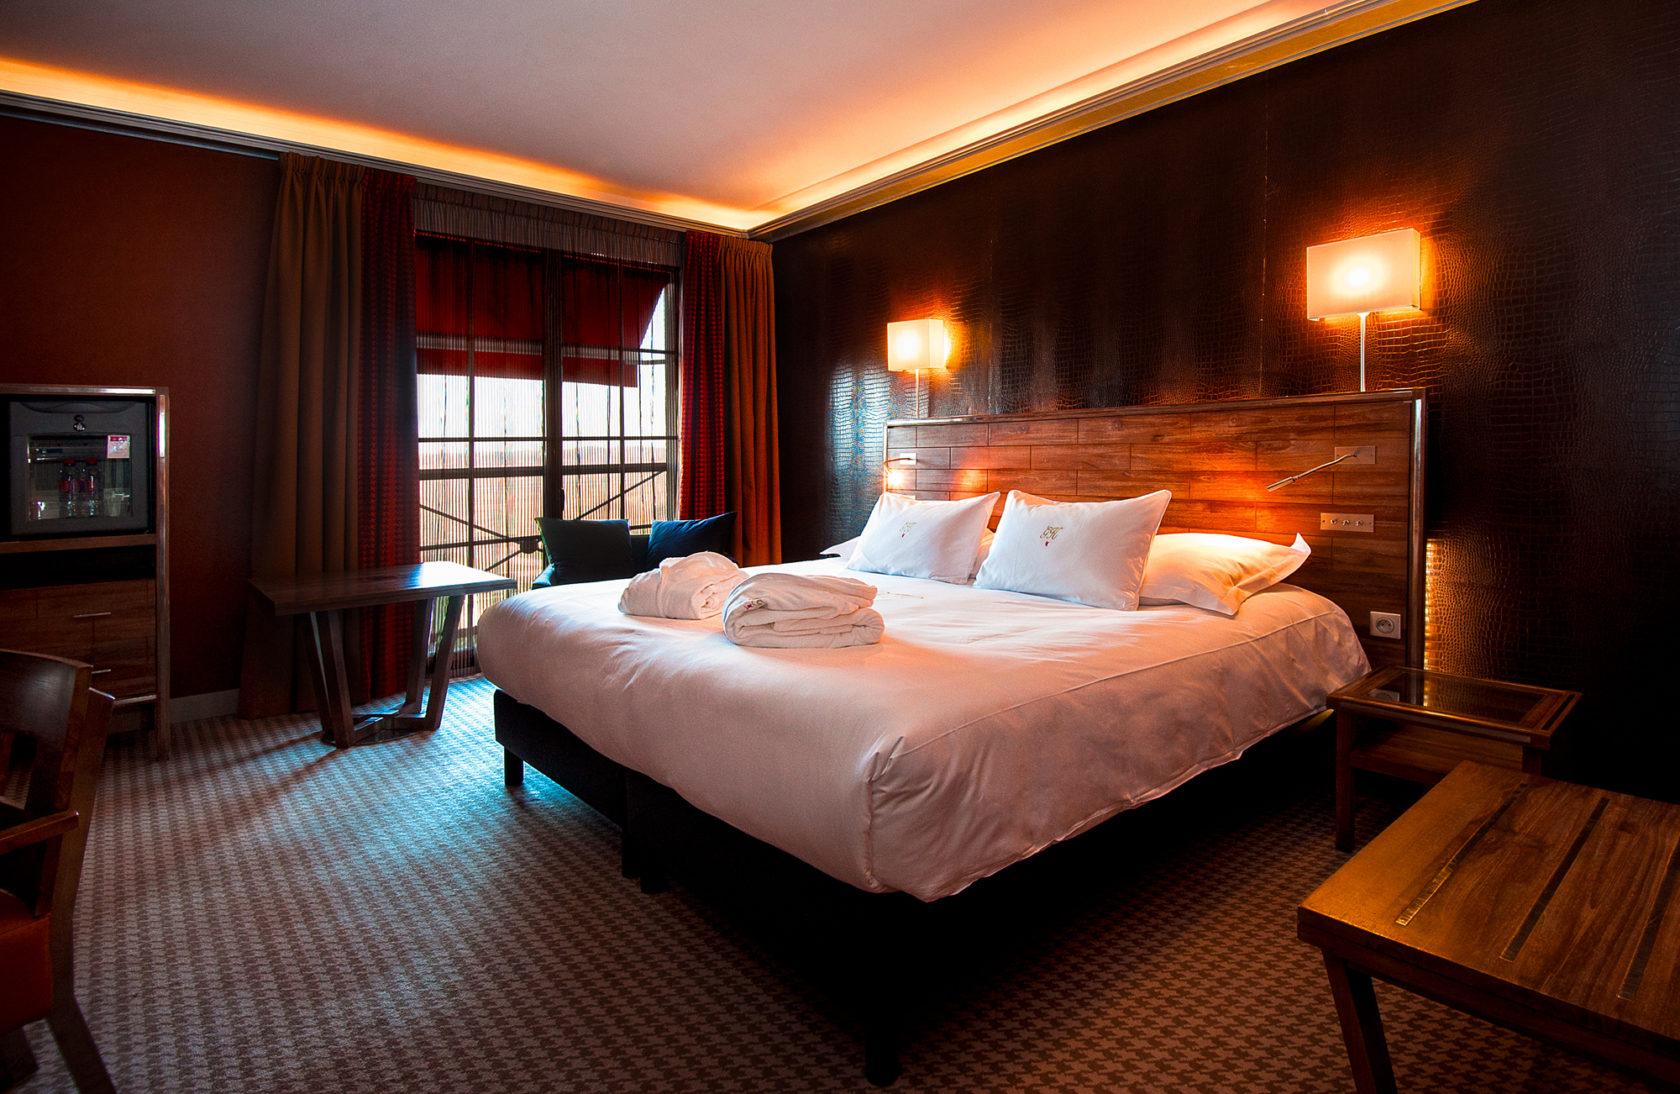 Séminaire hôtel chambre - 2ISD Touquet